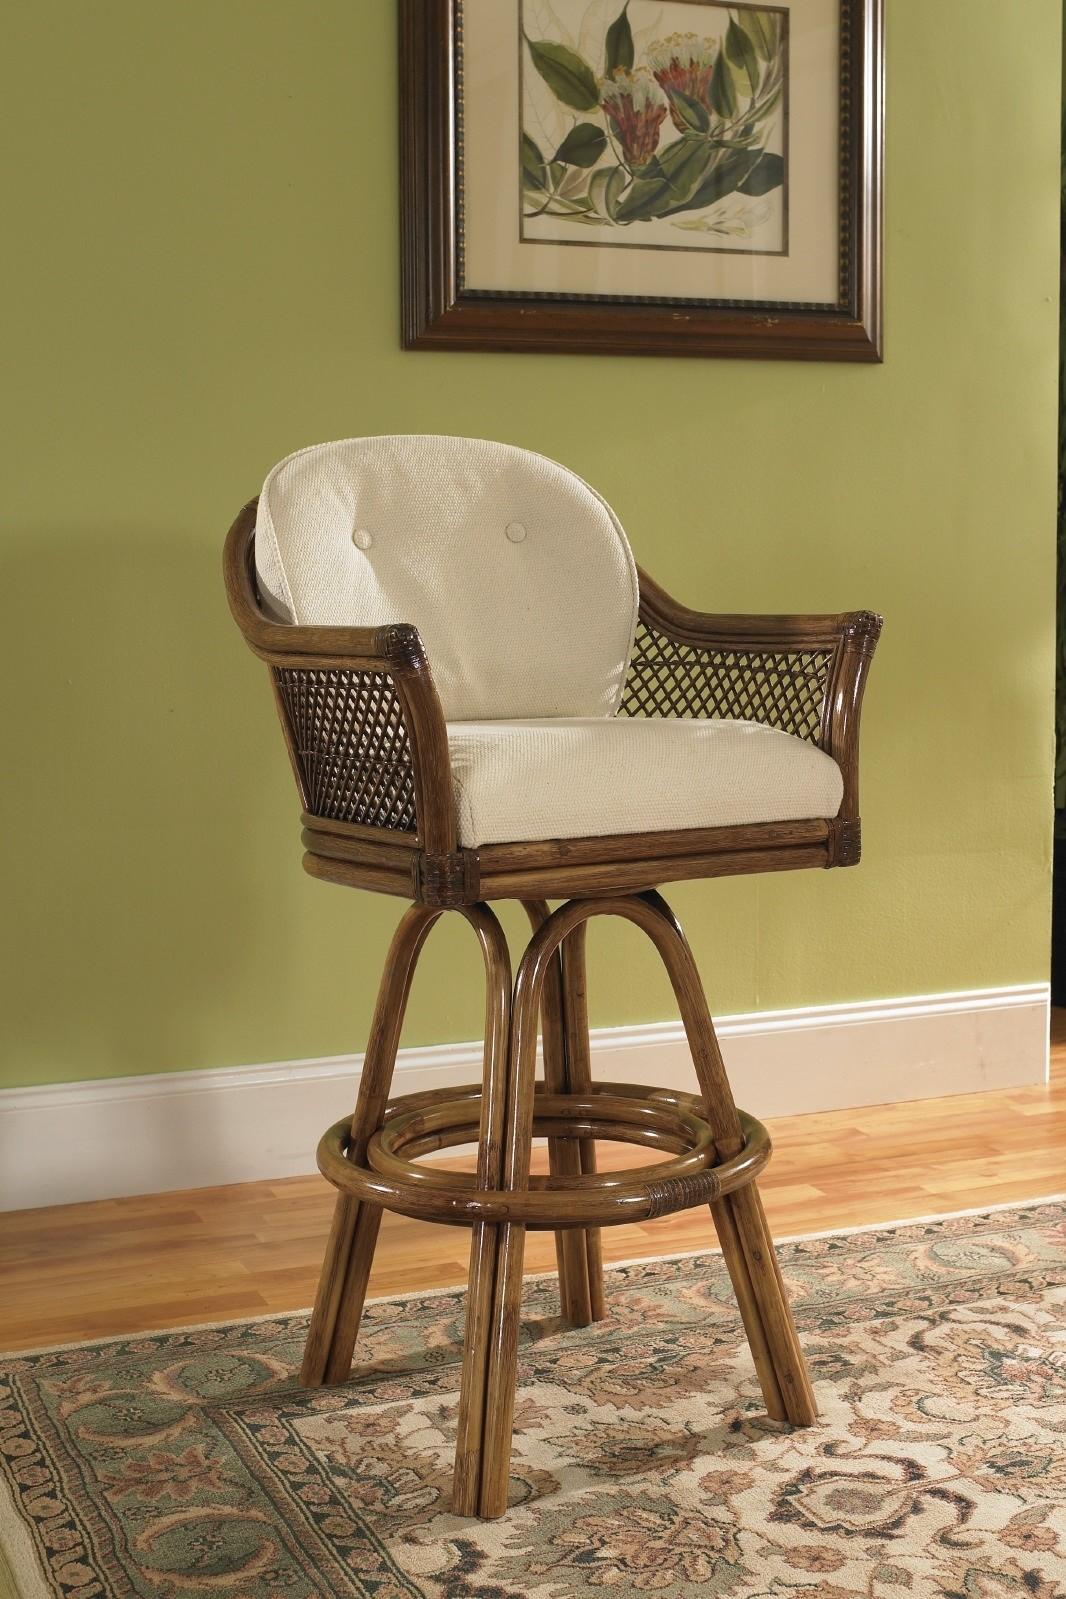 Fabulous Classic Rattan Lake House 30 Bar Stool Inzonedesignstudio Interior Chair Design Inzonedesignstudiocom